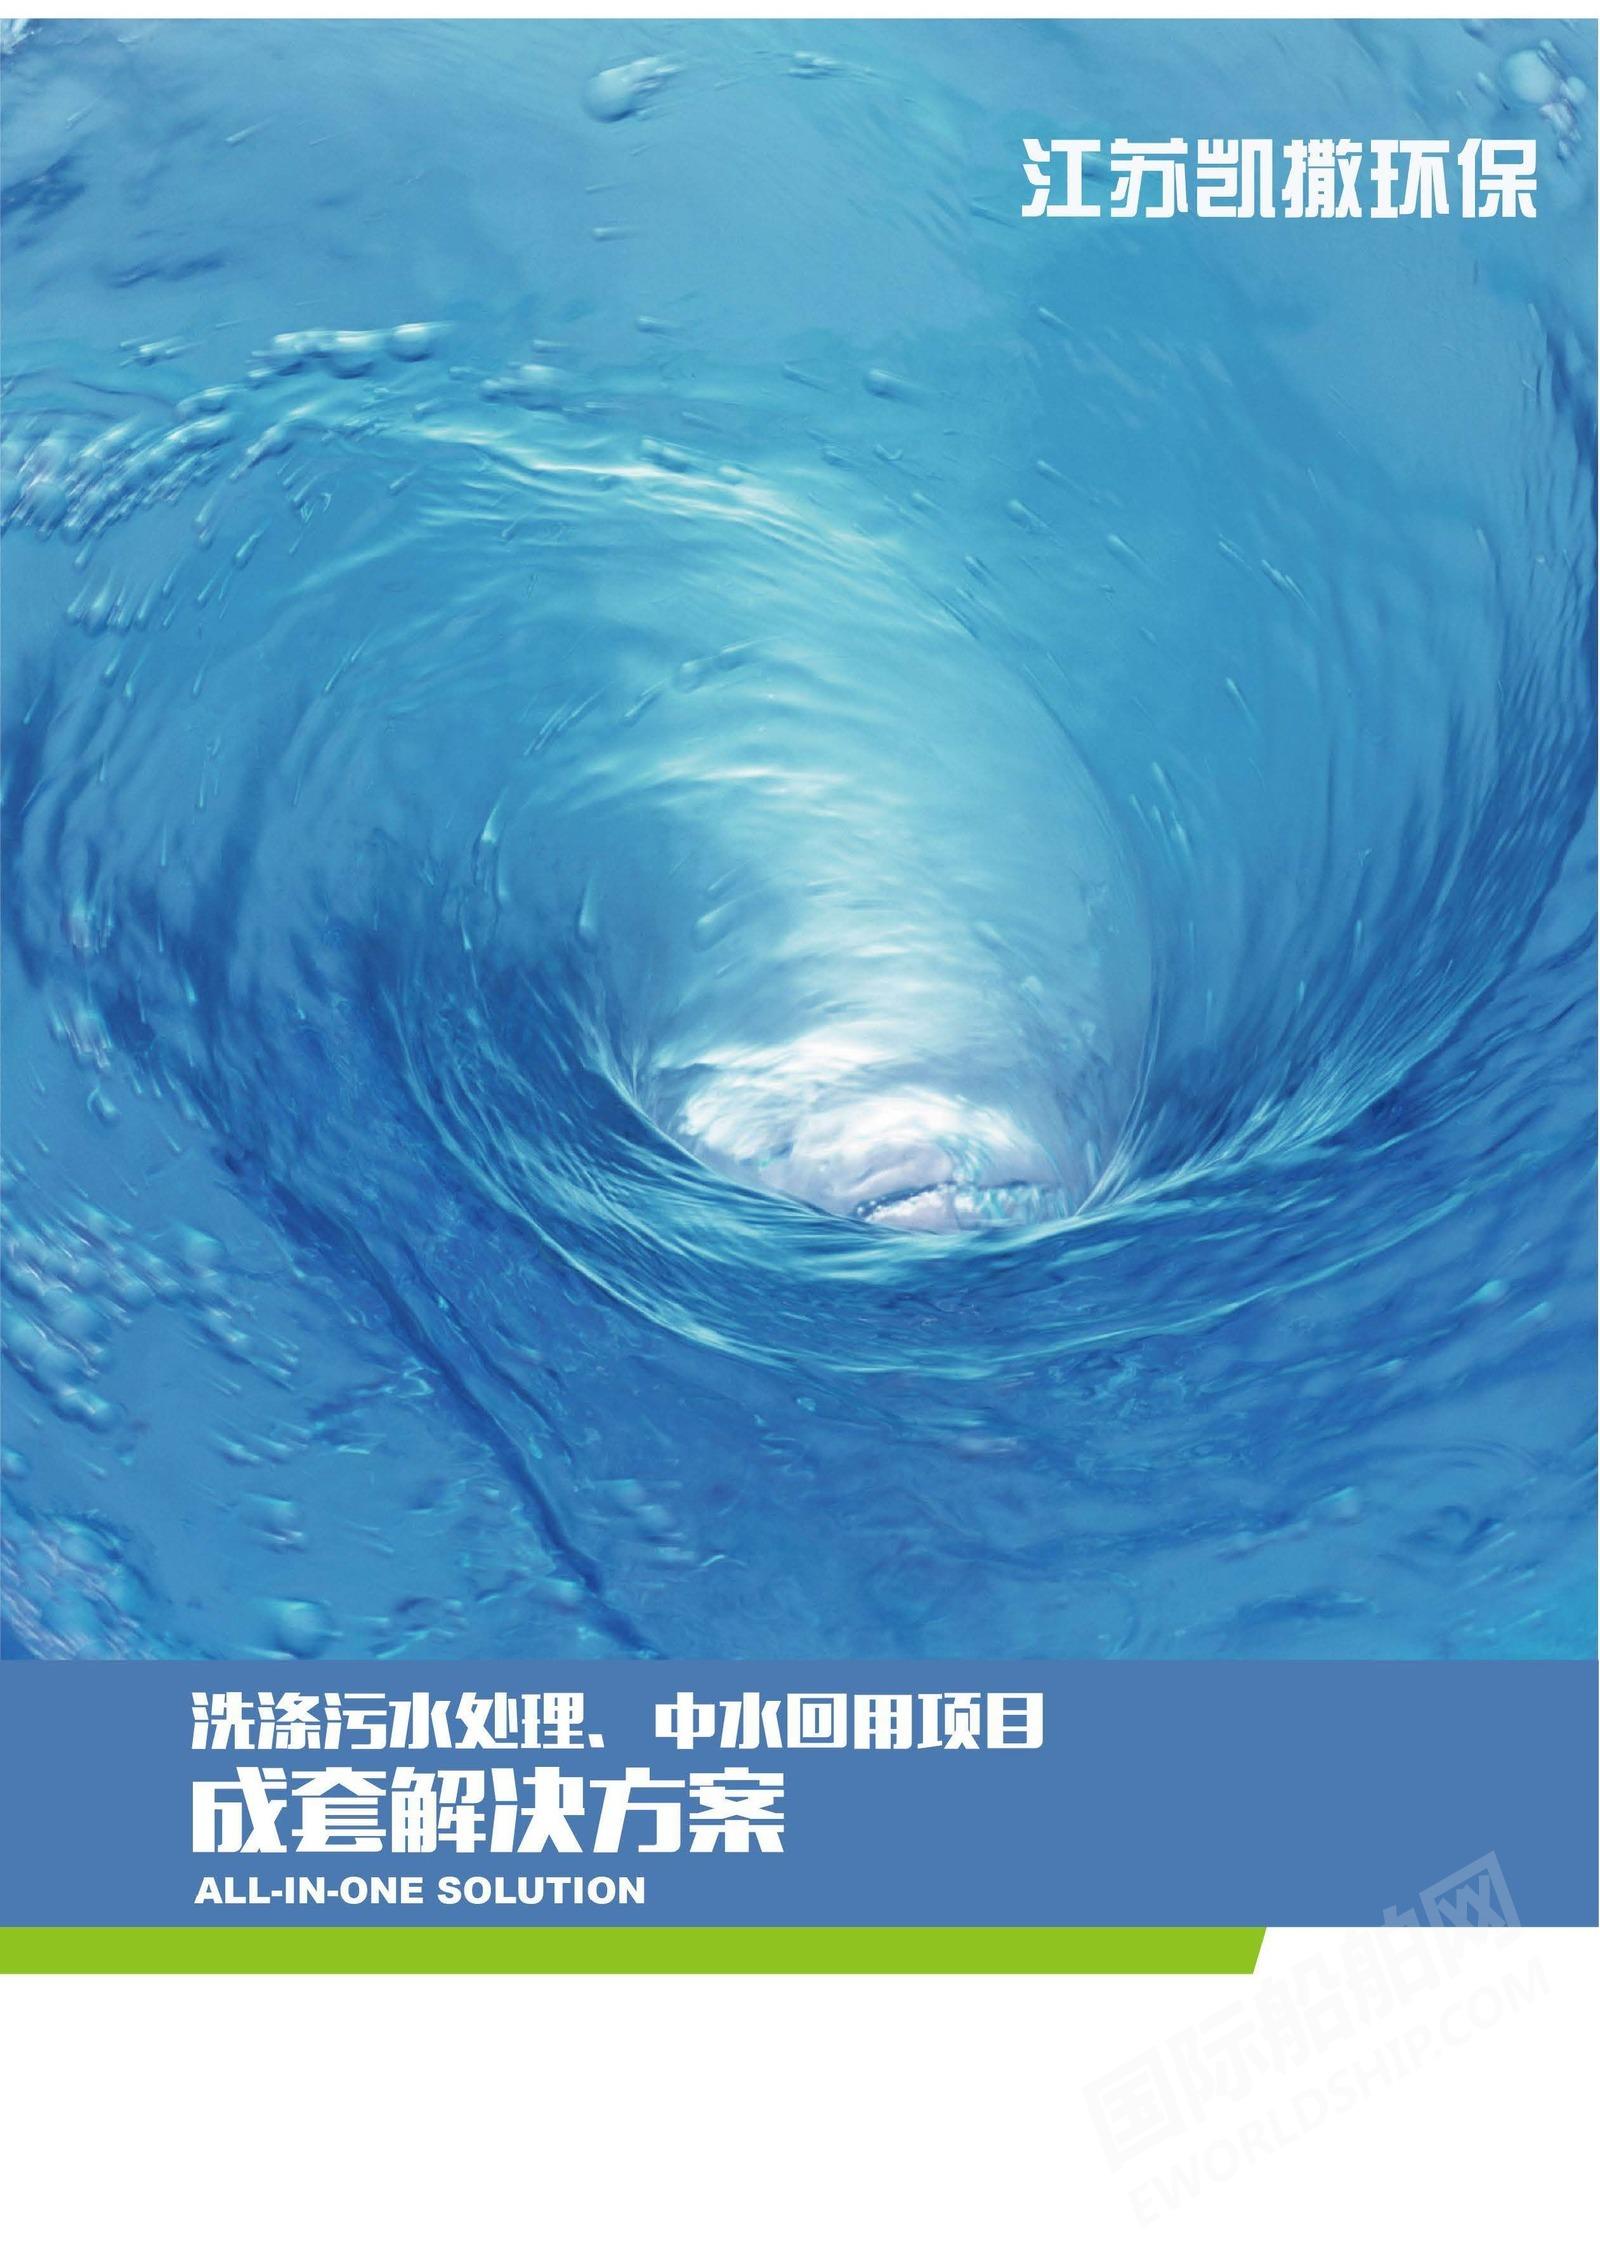 江苏凯撒环保科技有限公司 洗涤污水